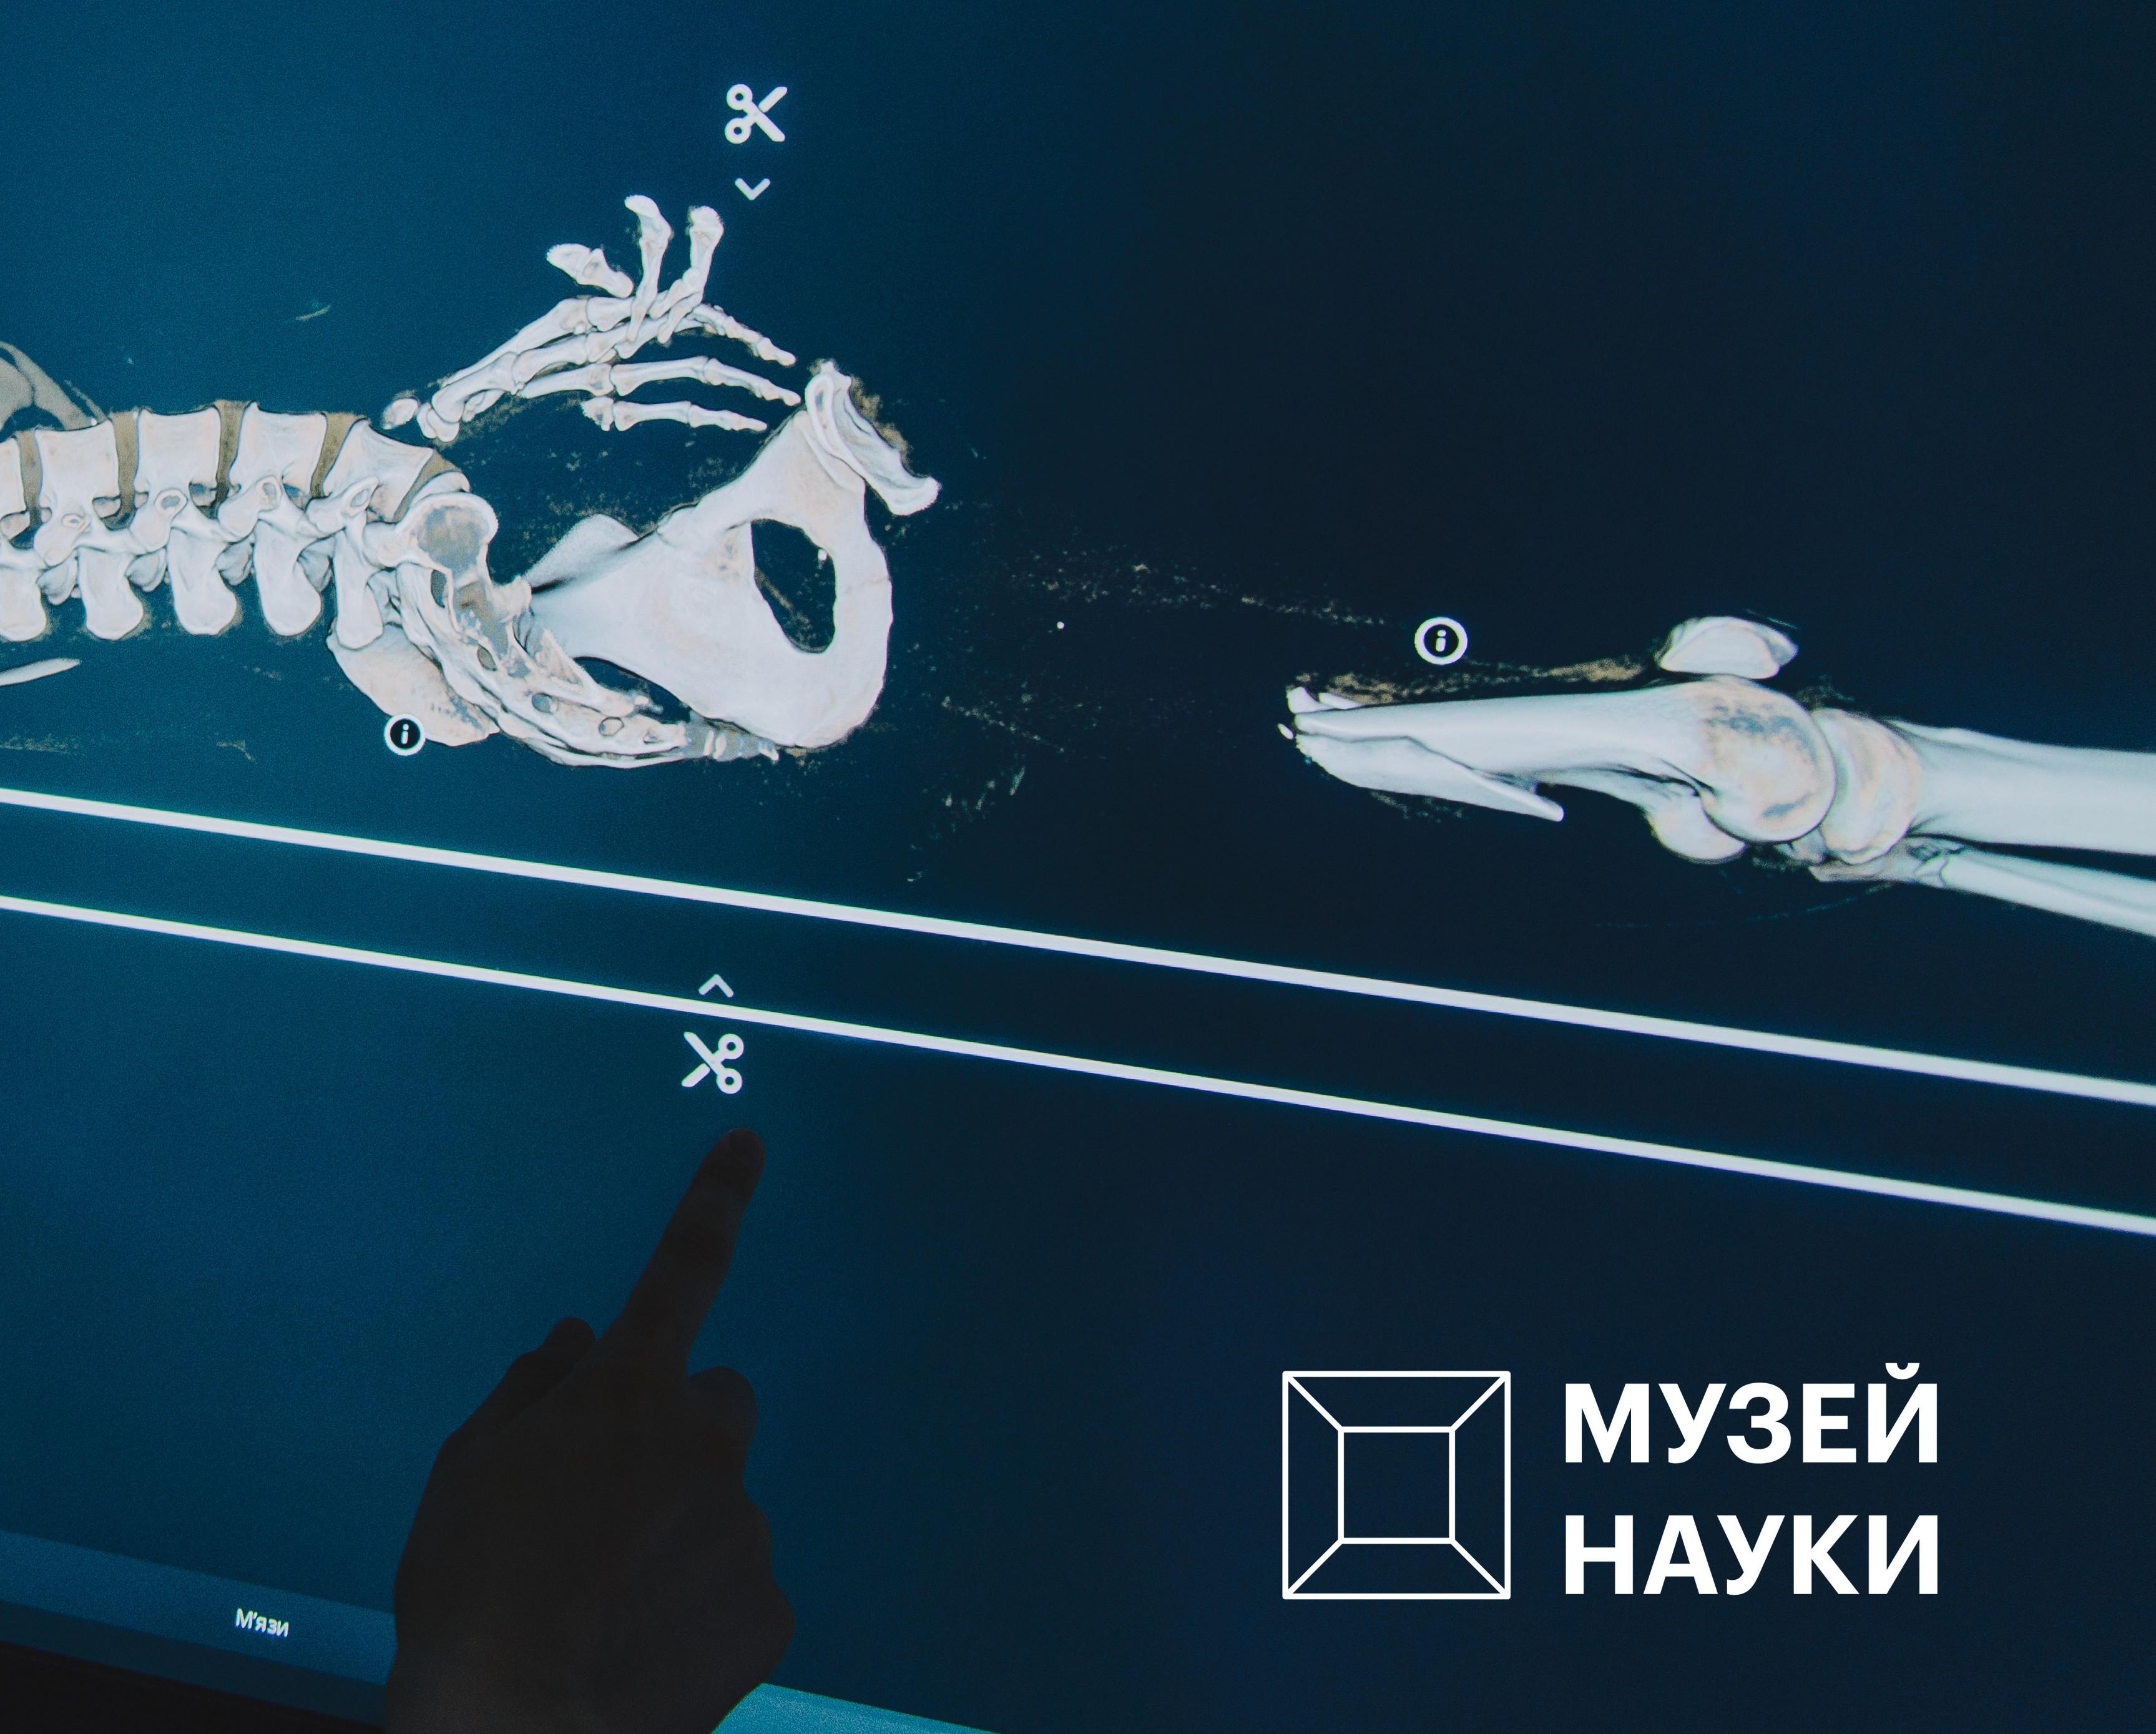 Запустити блискавку, розгадати оптичну ілюзію та привести в дію інтерактивну стелю: що чекає на відвідувачів нового «Музею науки» в Києві